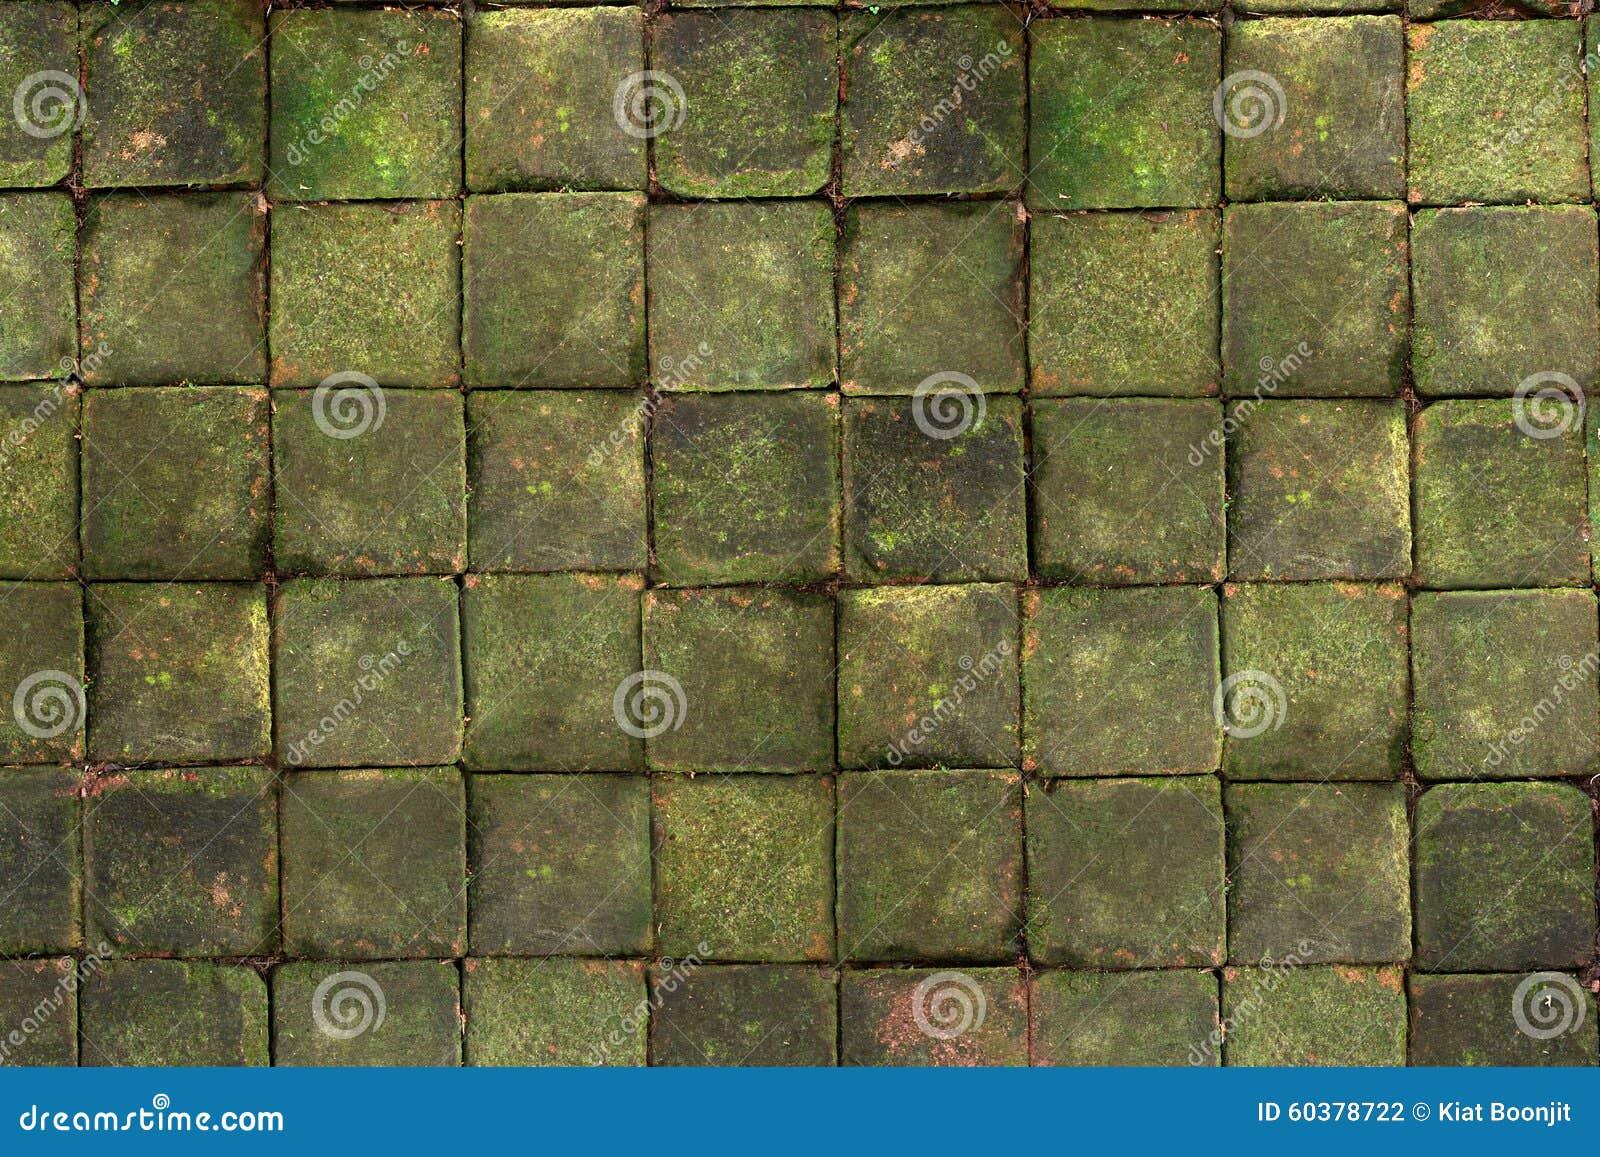 Brique carrée avec de la mousse sur le dessus